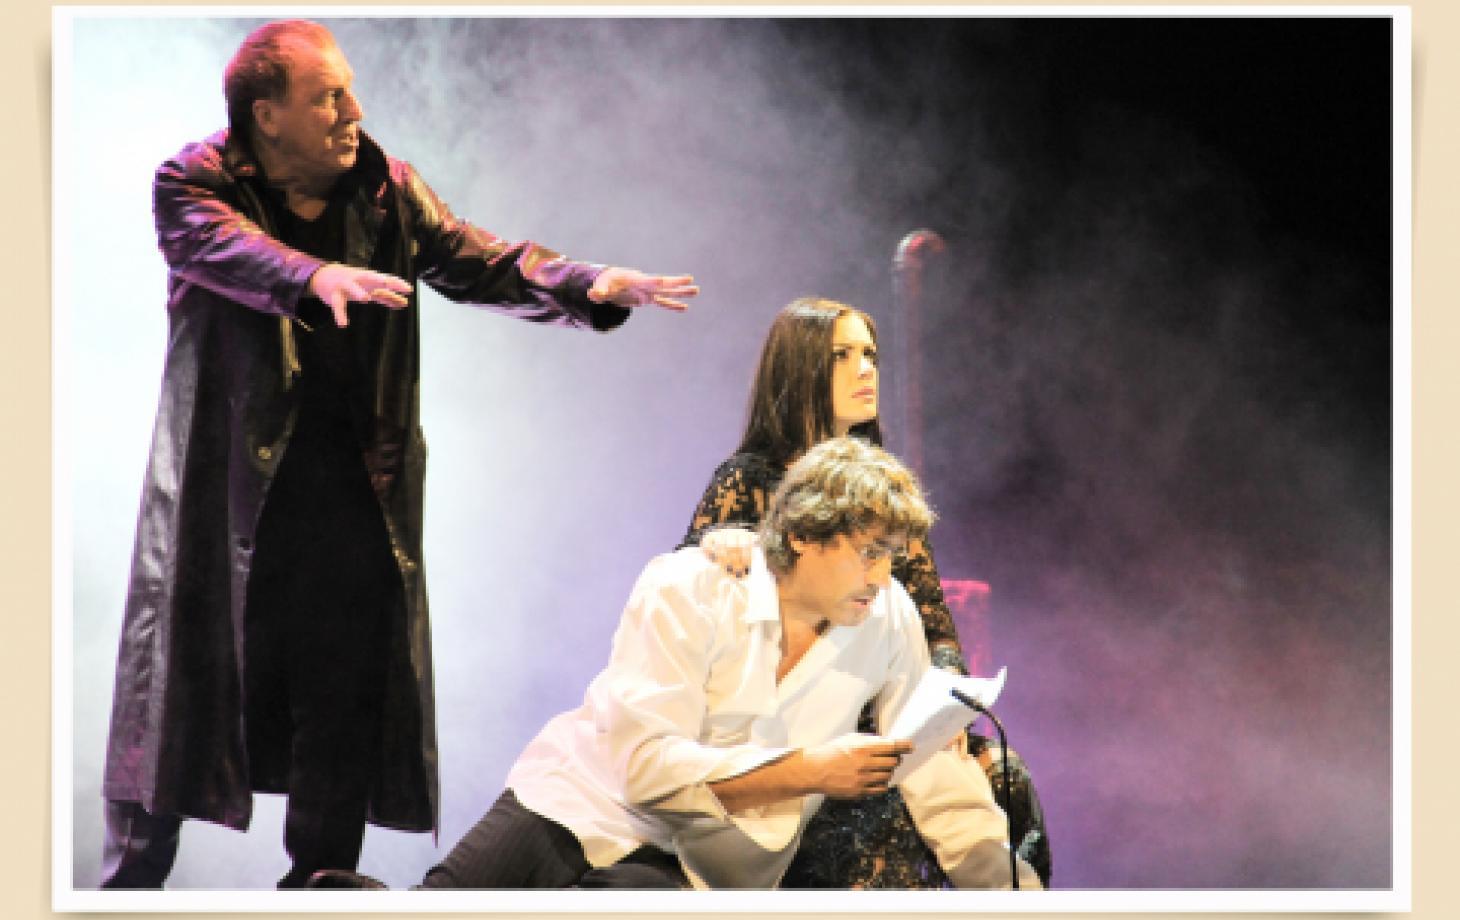 Мастер и Маргарита, спектакль в Бельцах